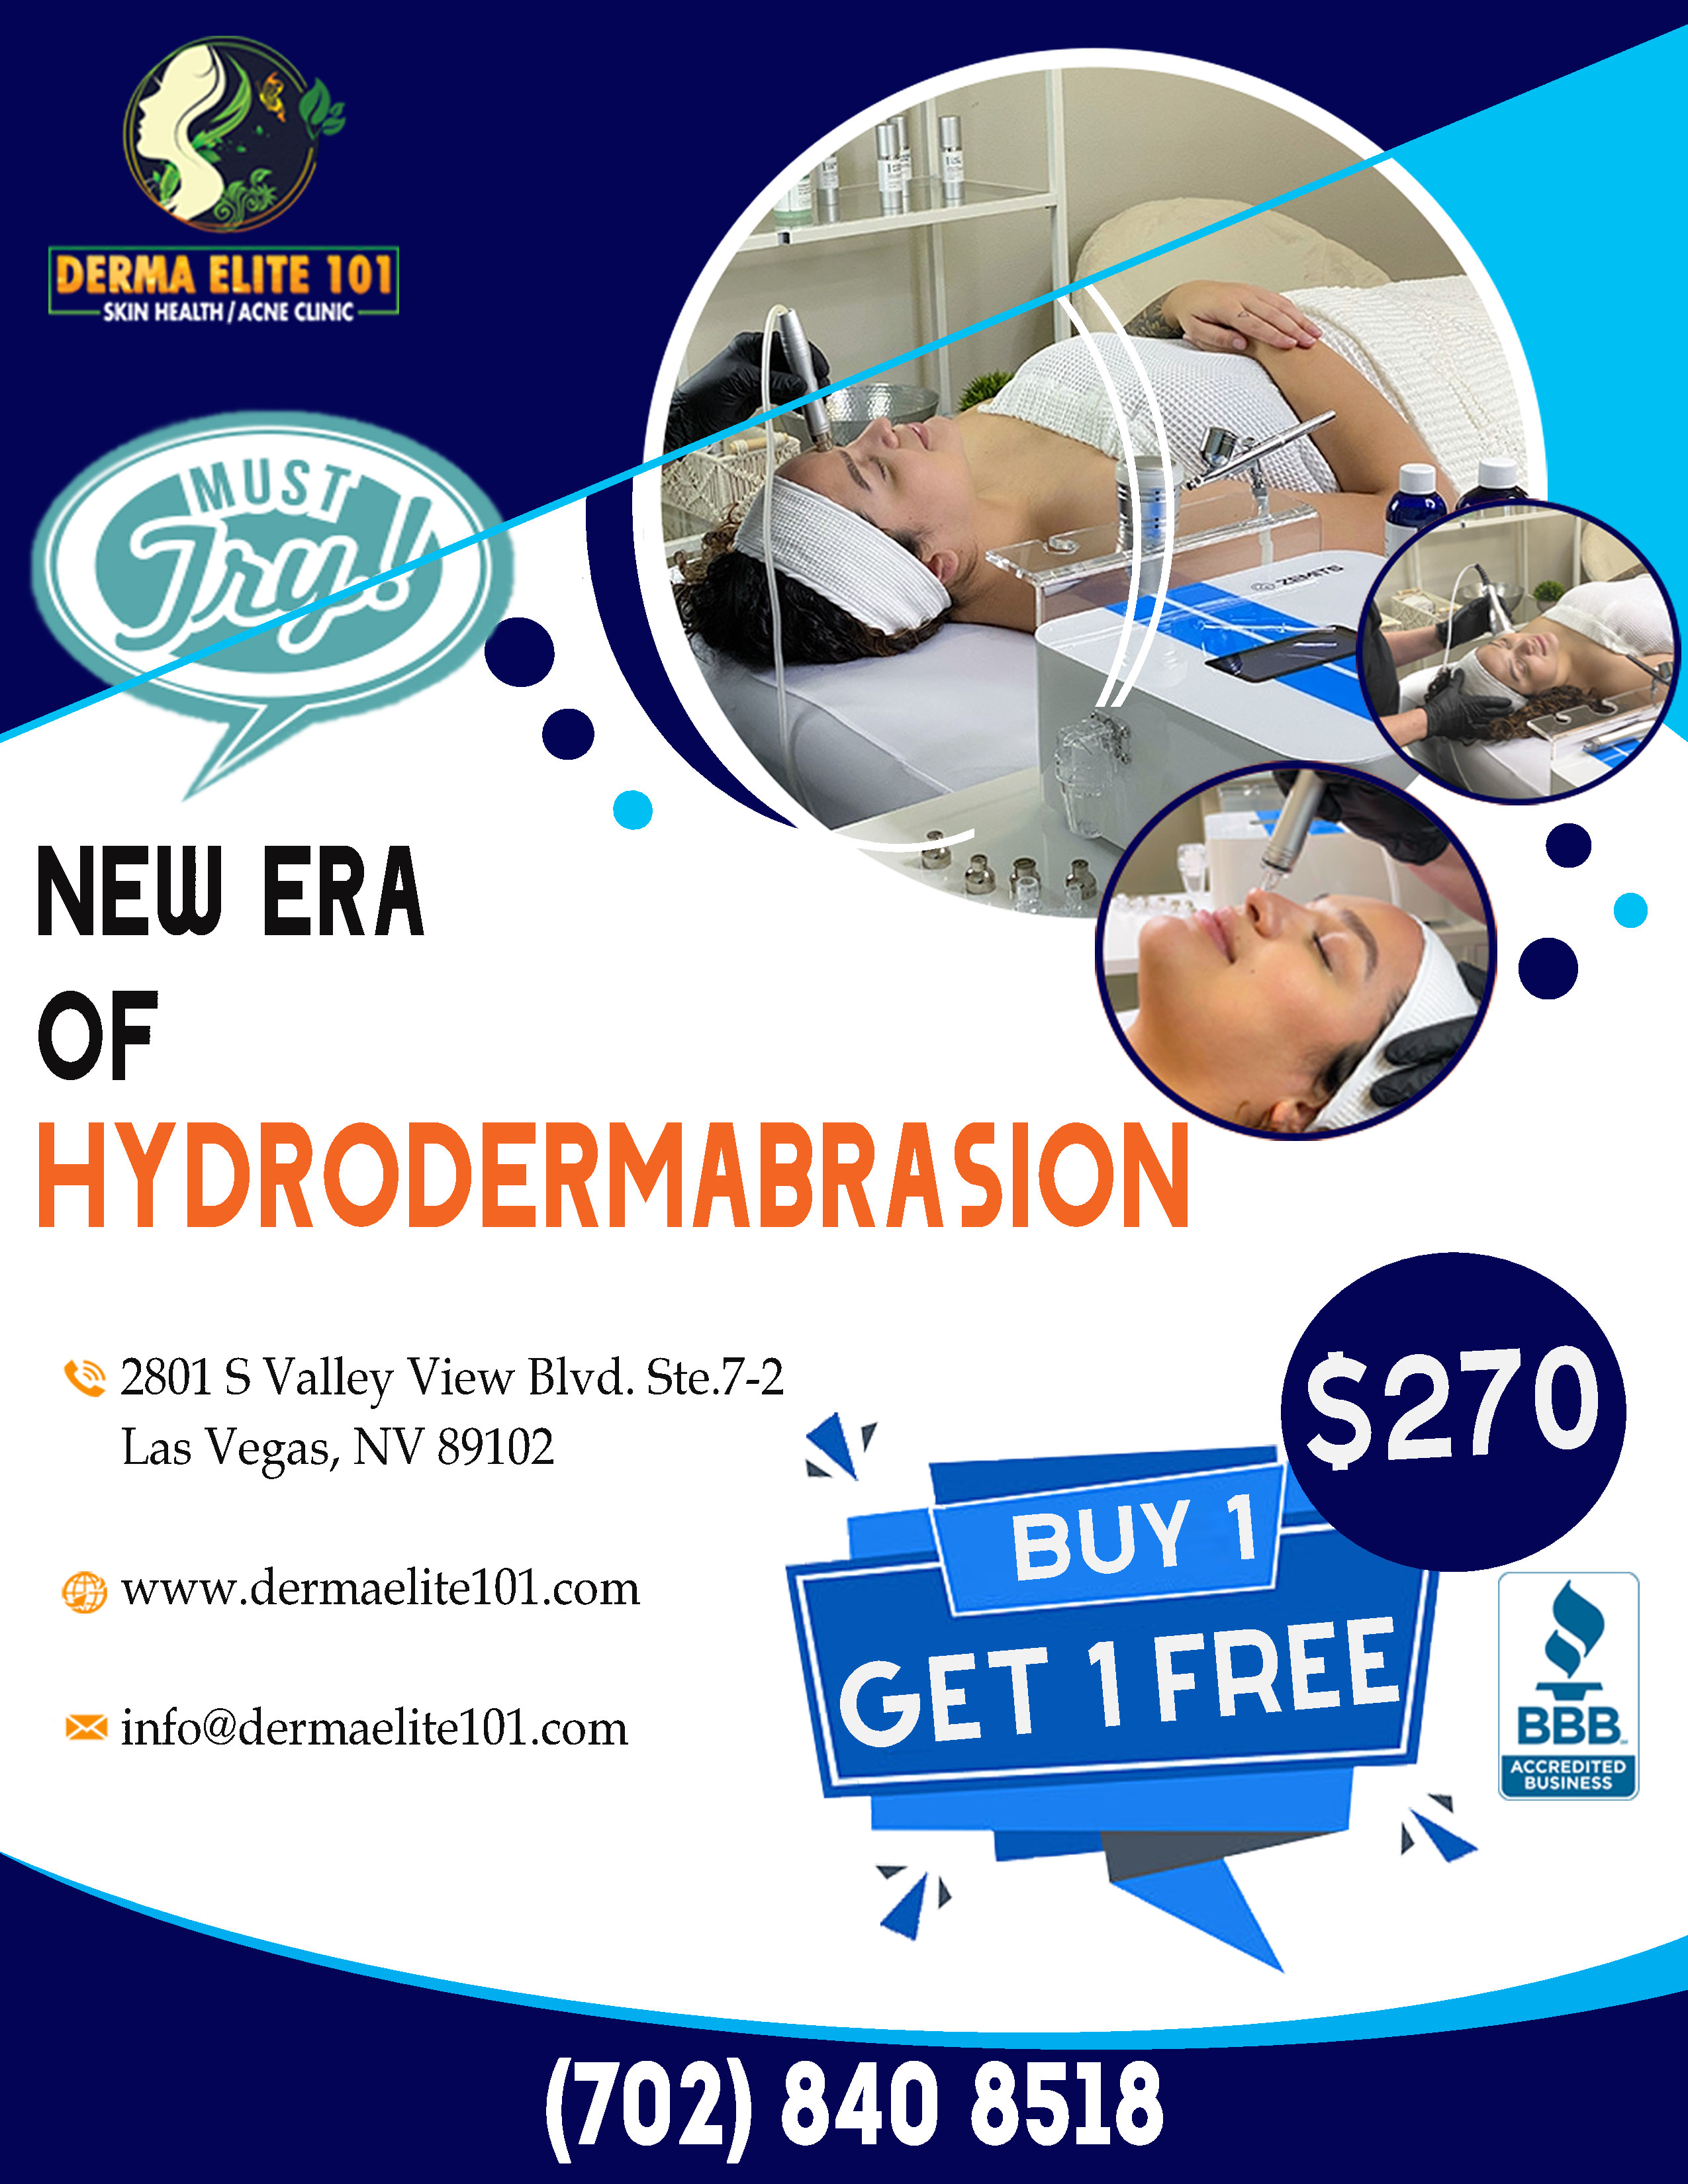 Buy 1 Get 1 Free HydroDermabrasion Promo